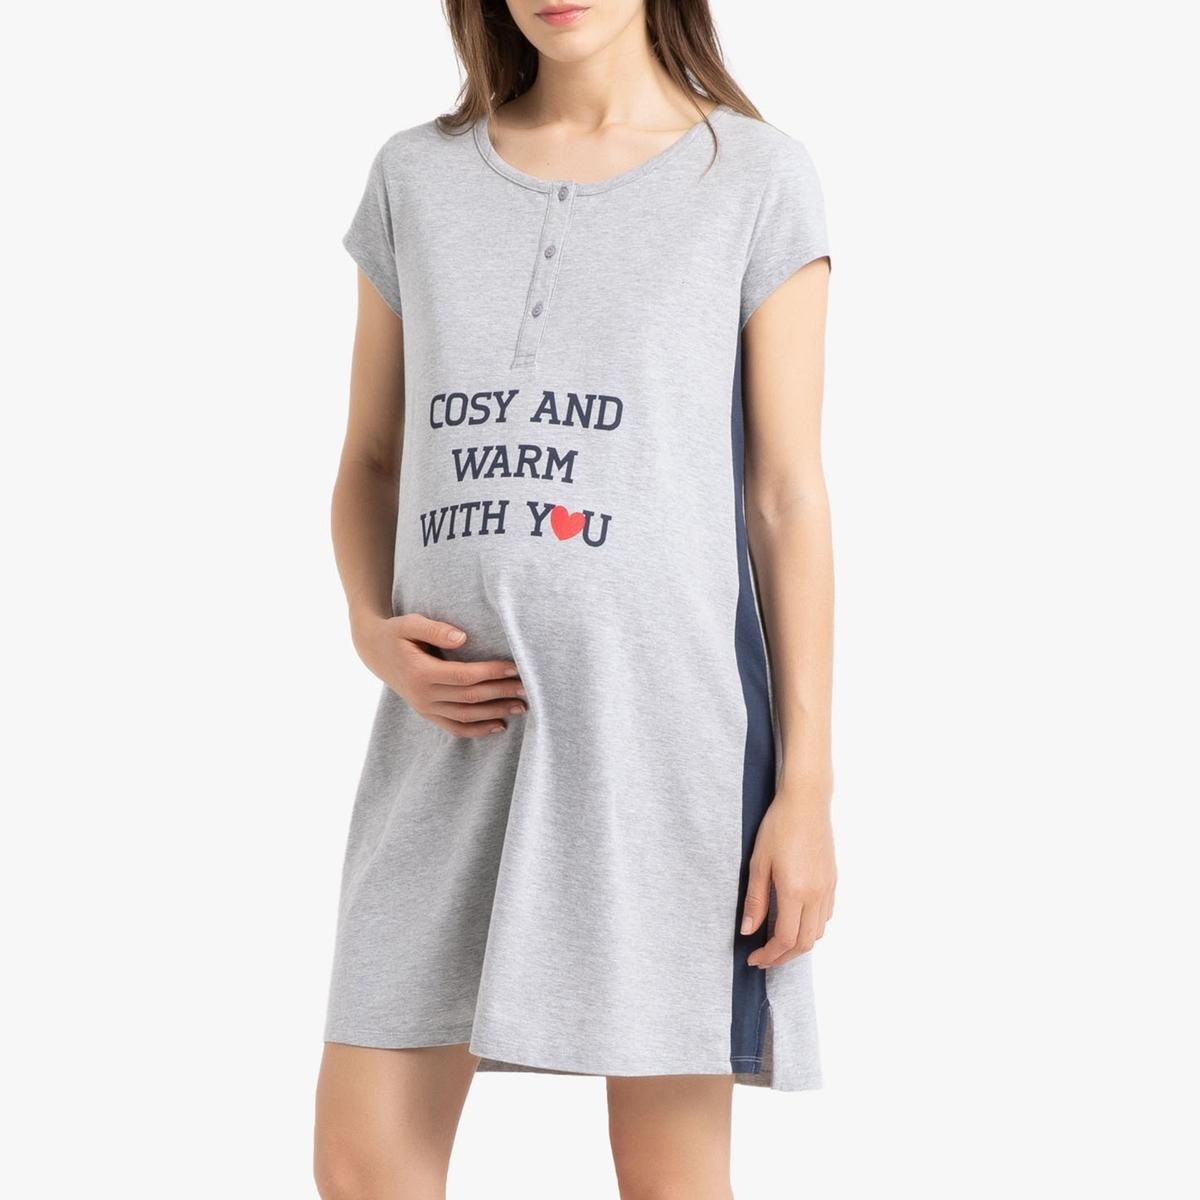 Ночная La Redoute Рубашка для периода беременности и грудного вскармливания 34/36 (FR) - 40/42 (RUS) серый рубашка la redoute ночная для периода беременности и грудного вскармливания 34 36 fr 40 42 rus синий